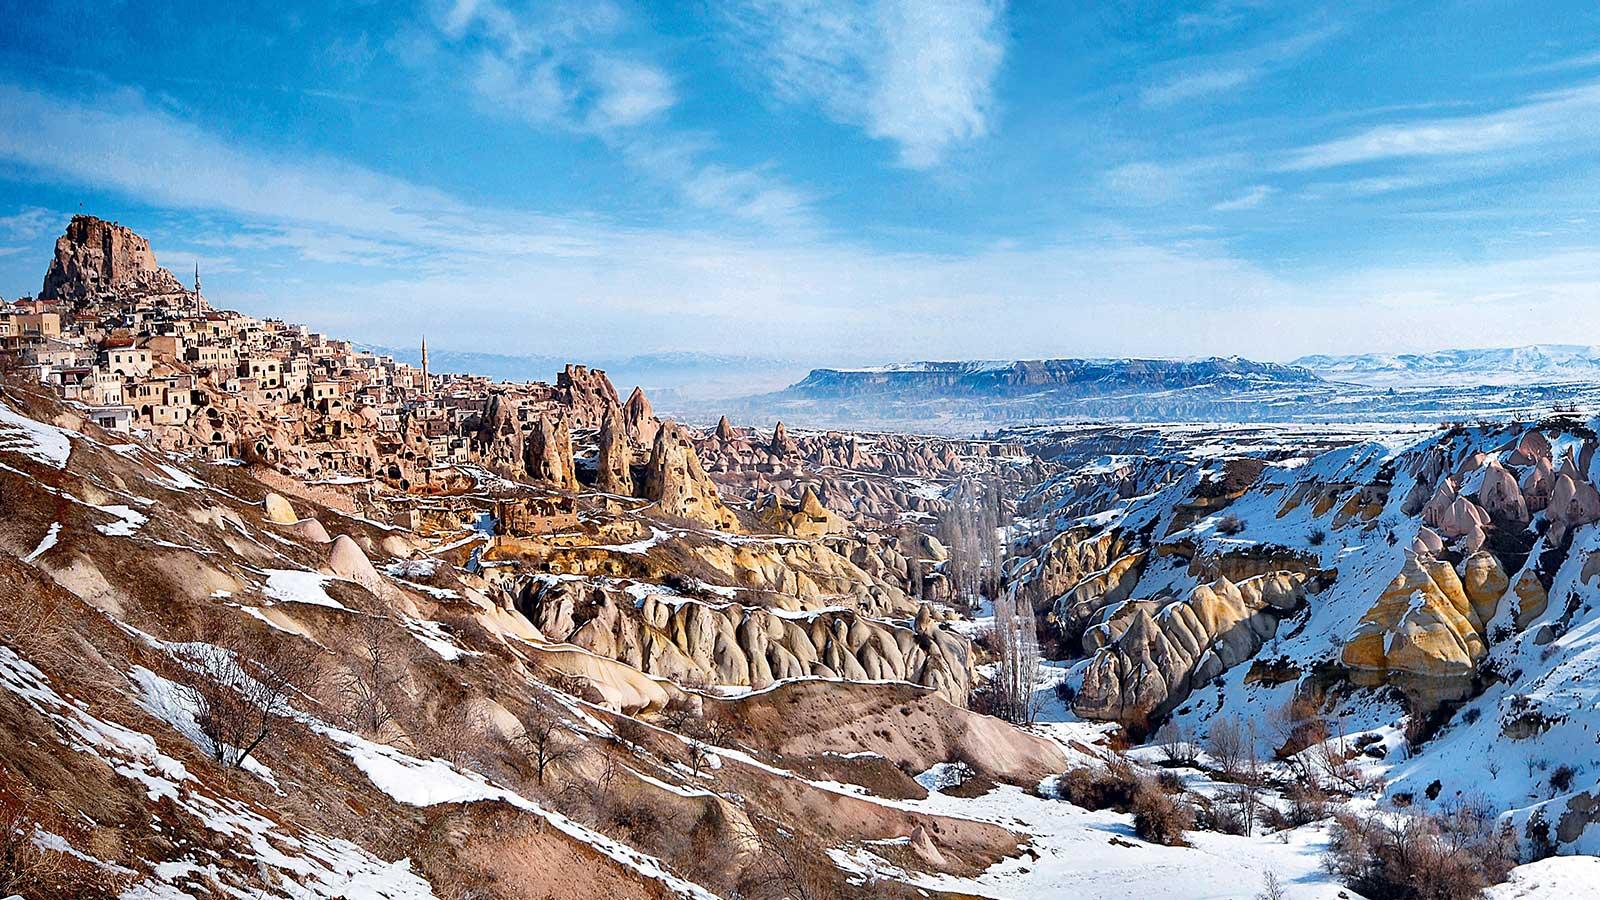 Cappadocia Under Snow